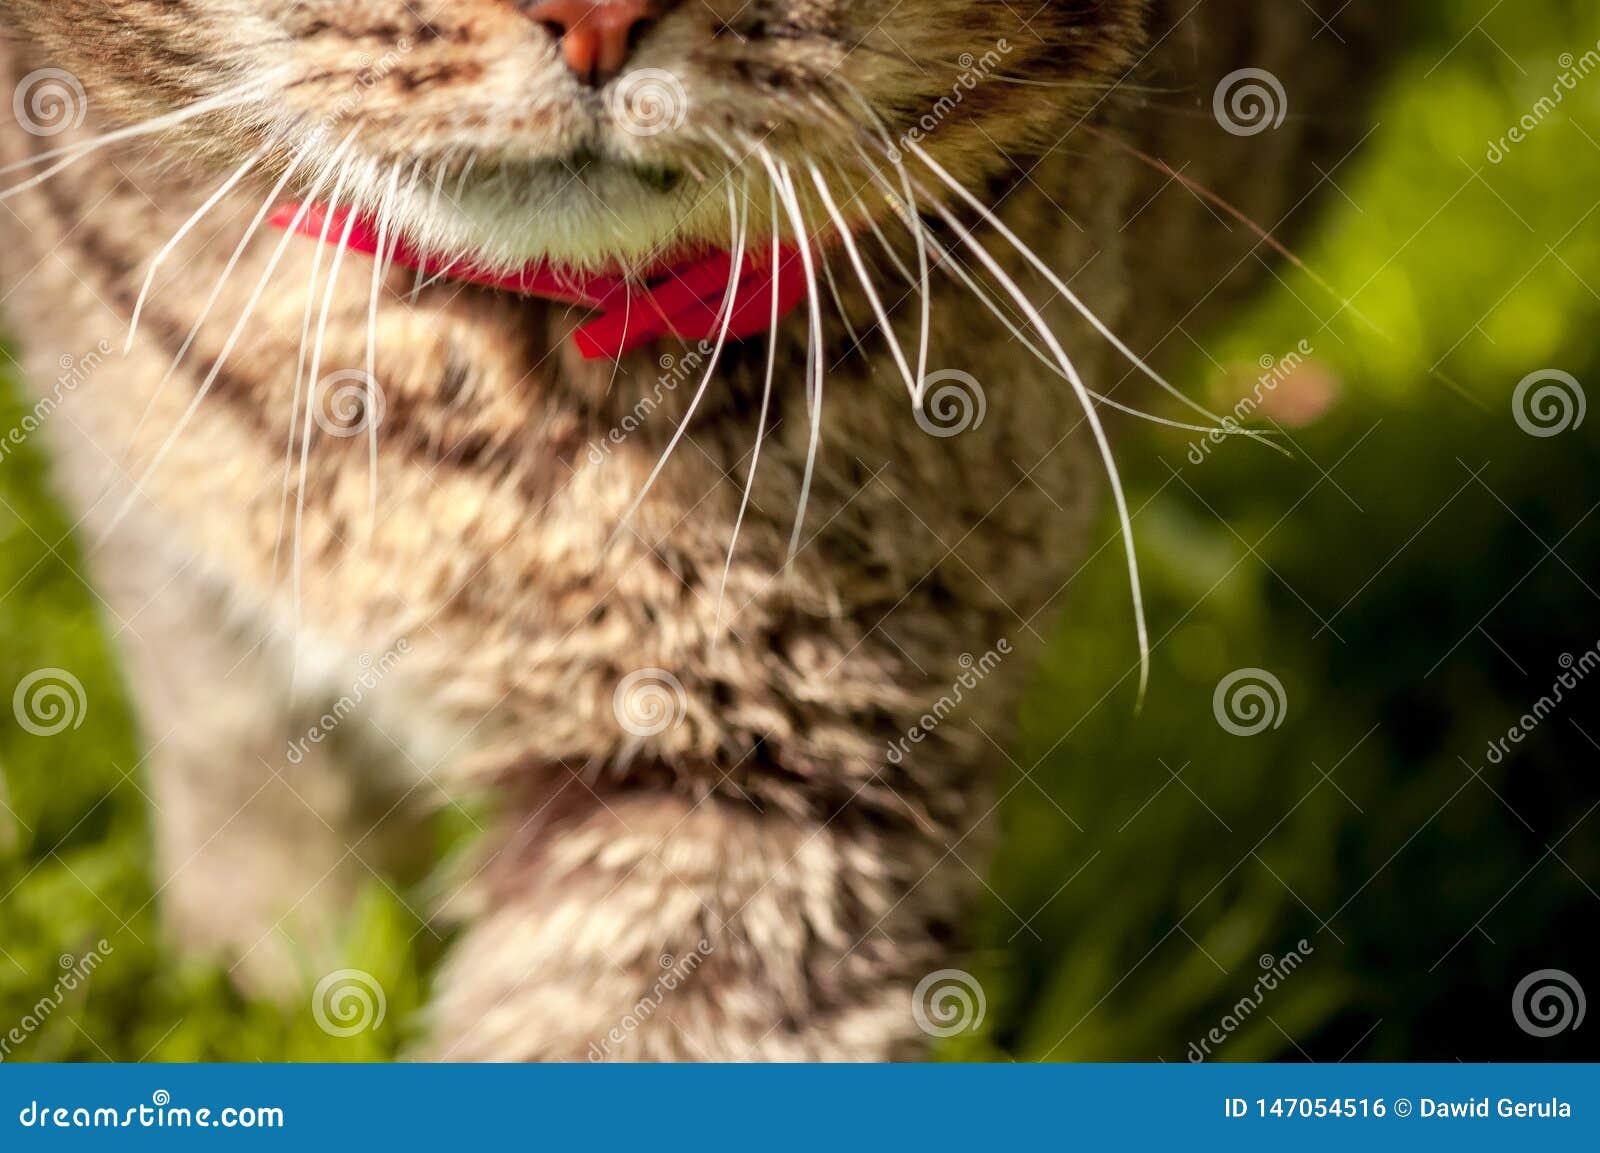 Портрет макроса с выборочным фокусом рта и вискеров домашней кошки